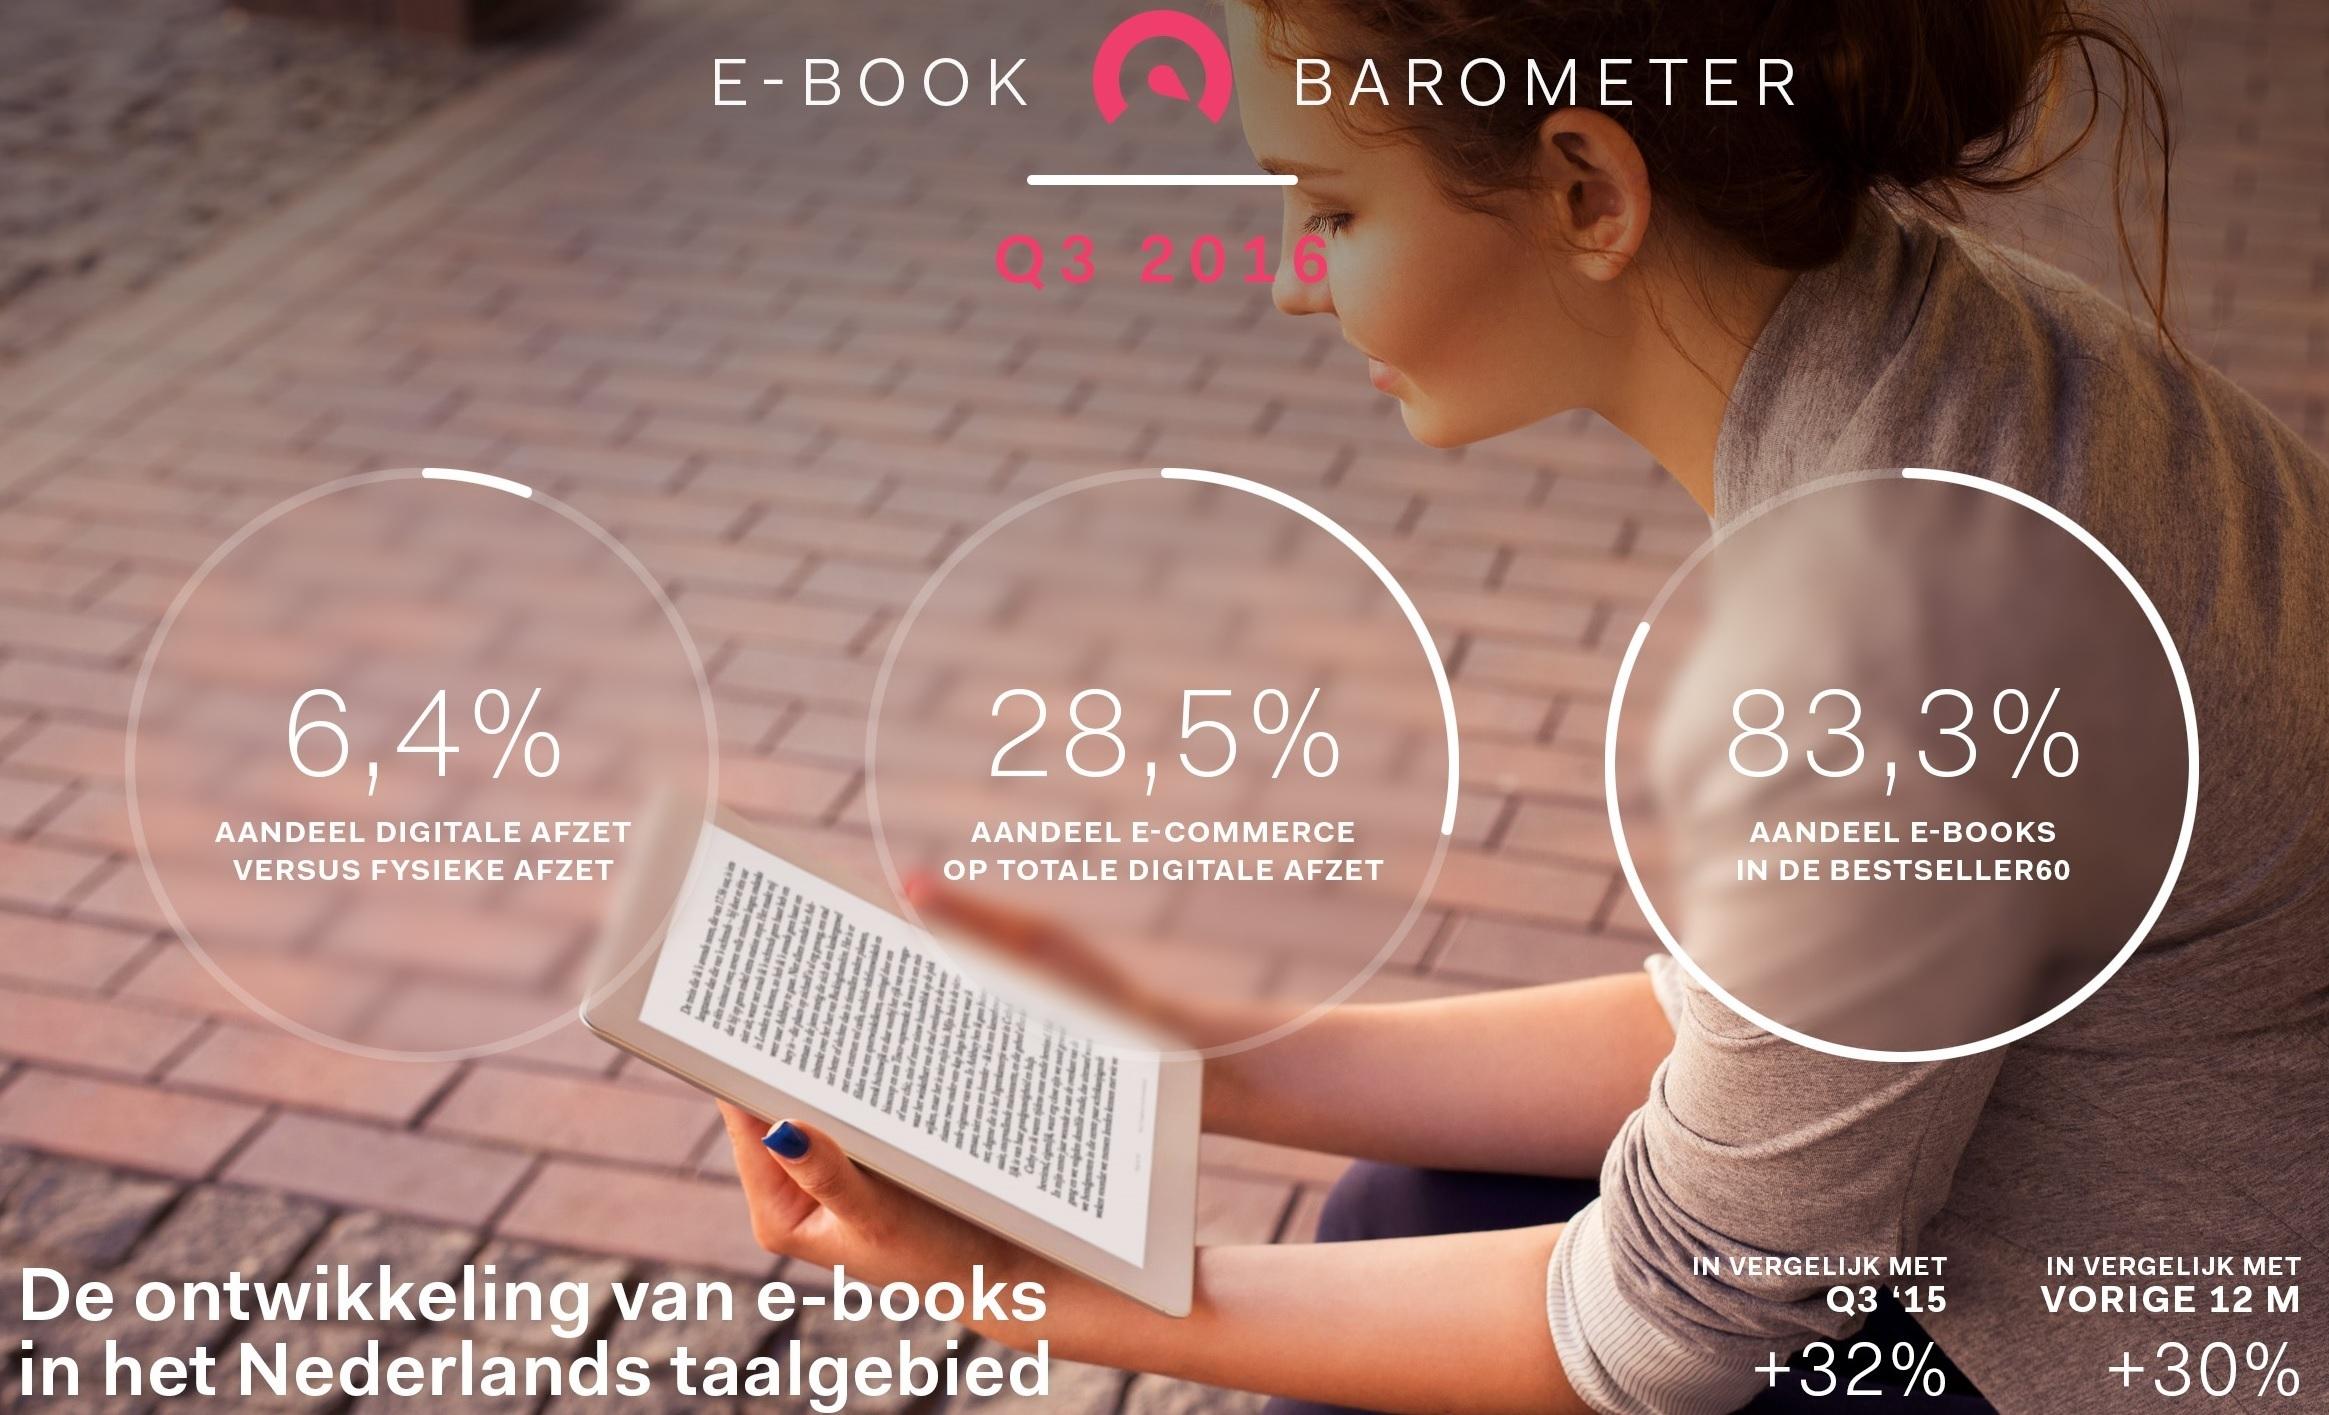 header-2-ebook.jpg#asset:339